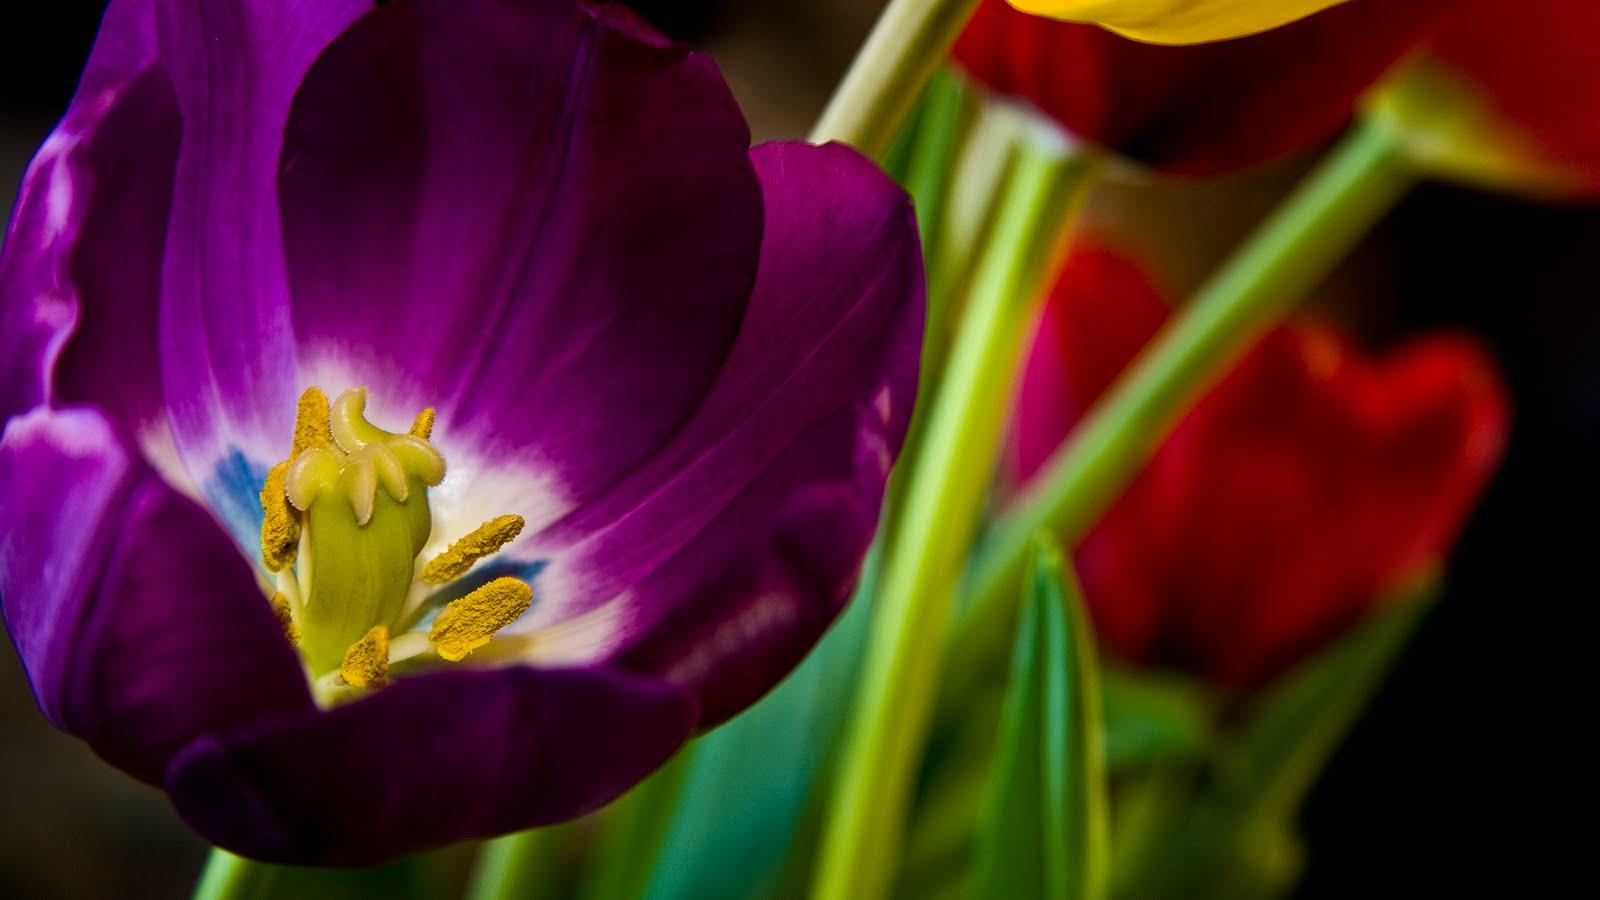 banco de imagenes  imagenes gratis  imagenes  flores para